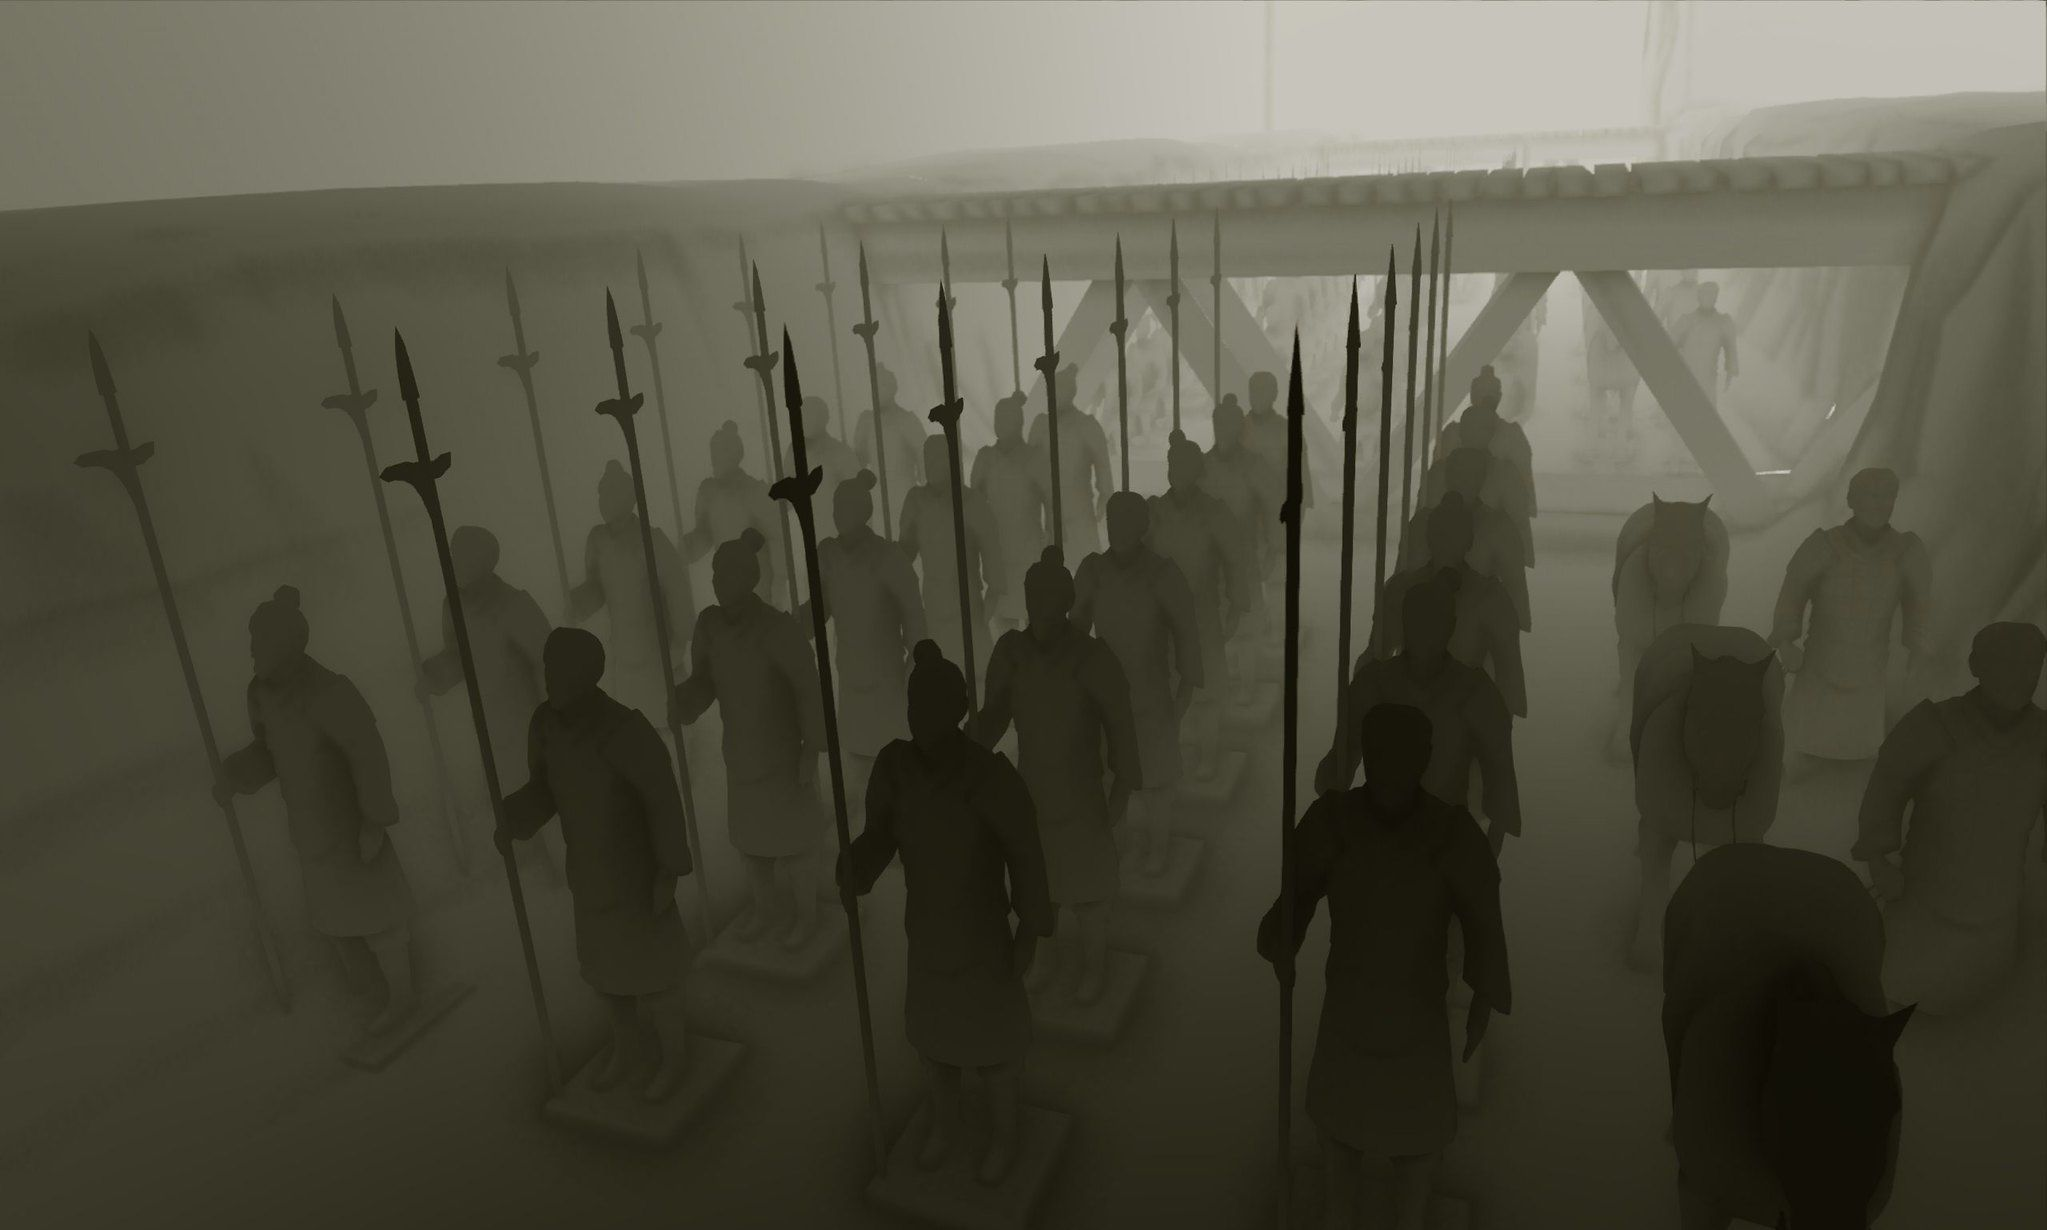 Terracotta warriors holding spears.